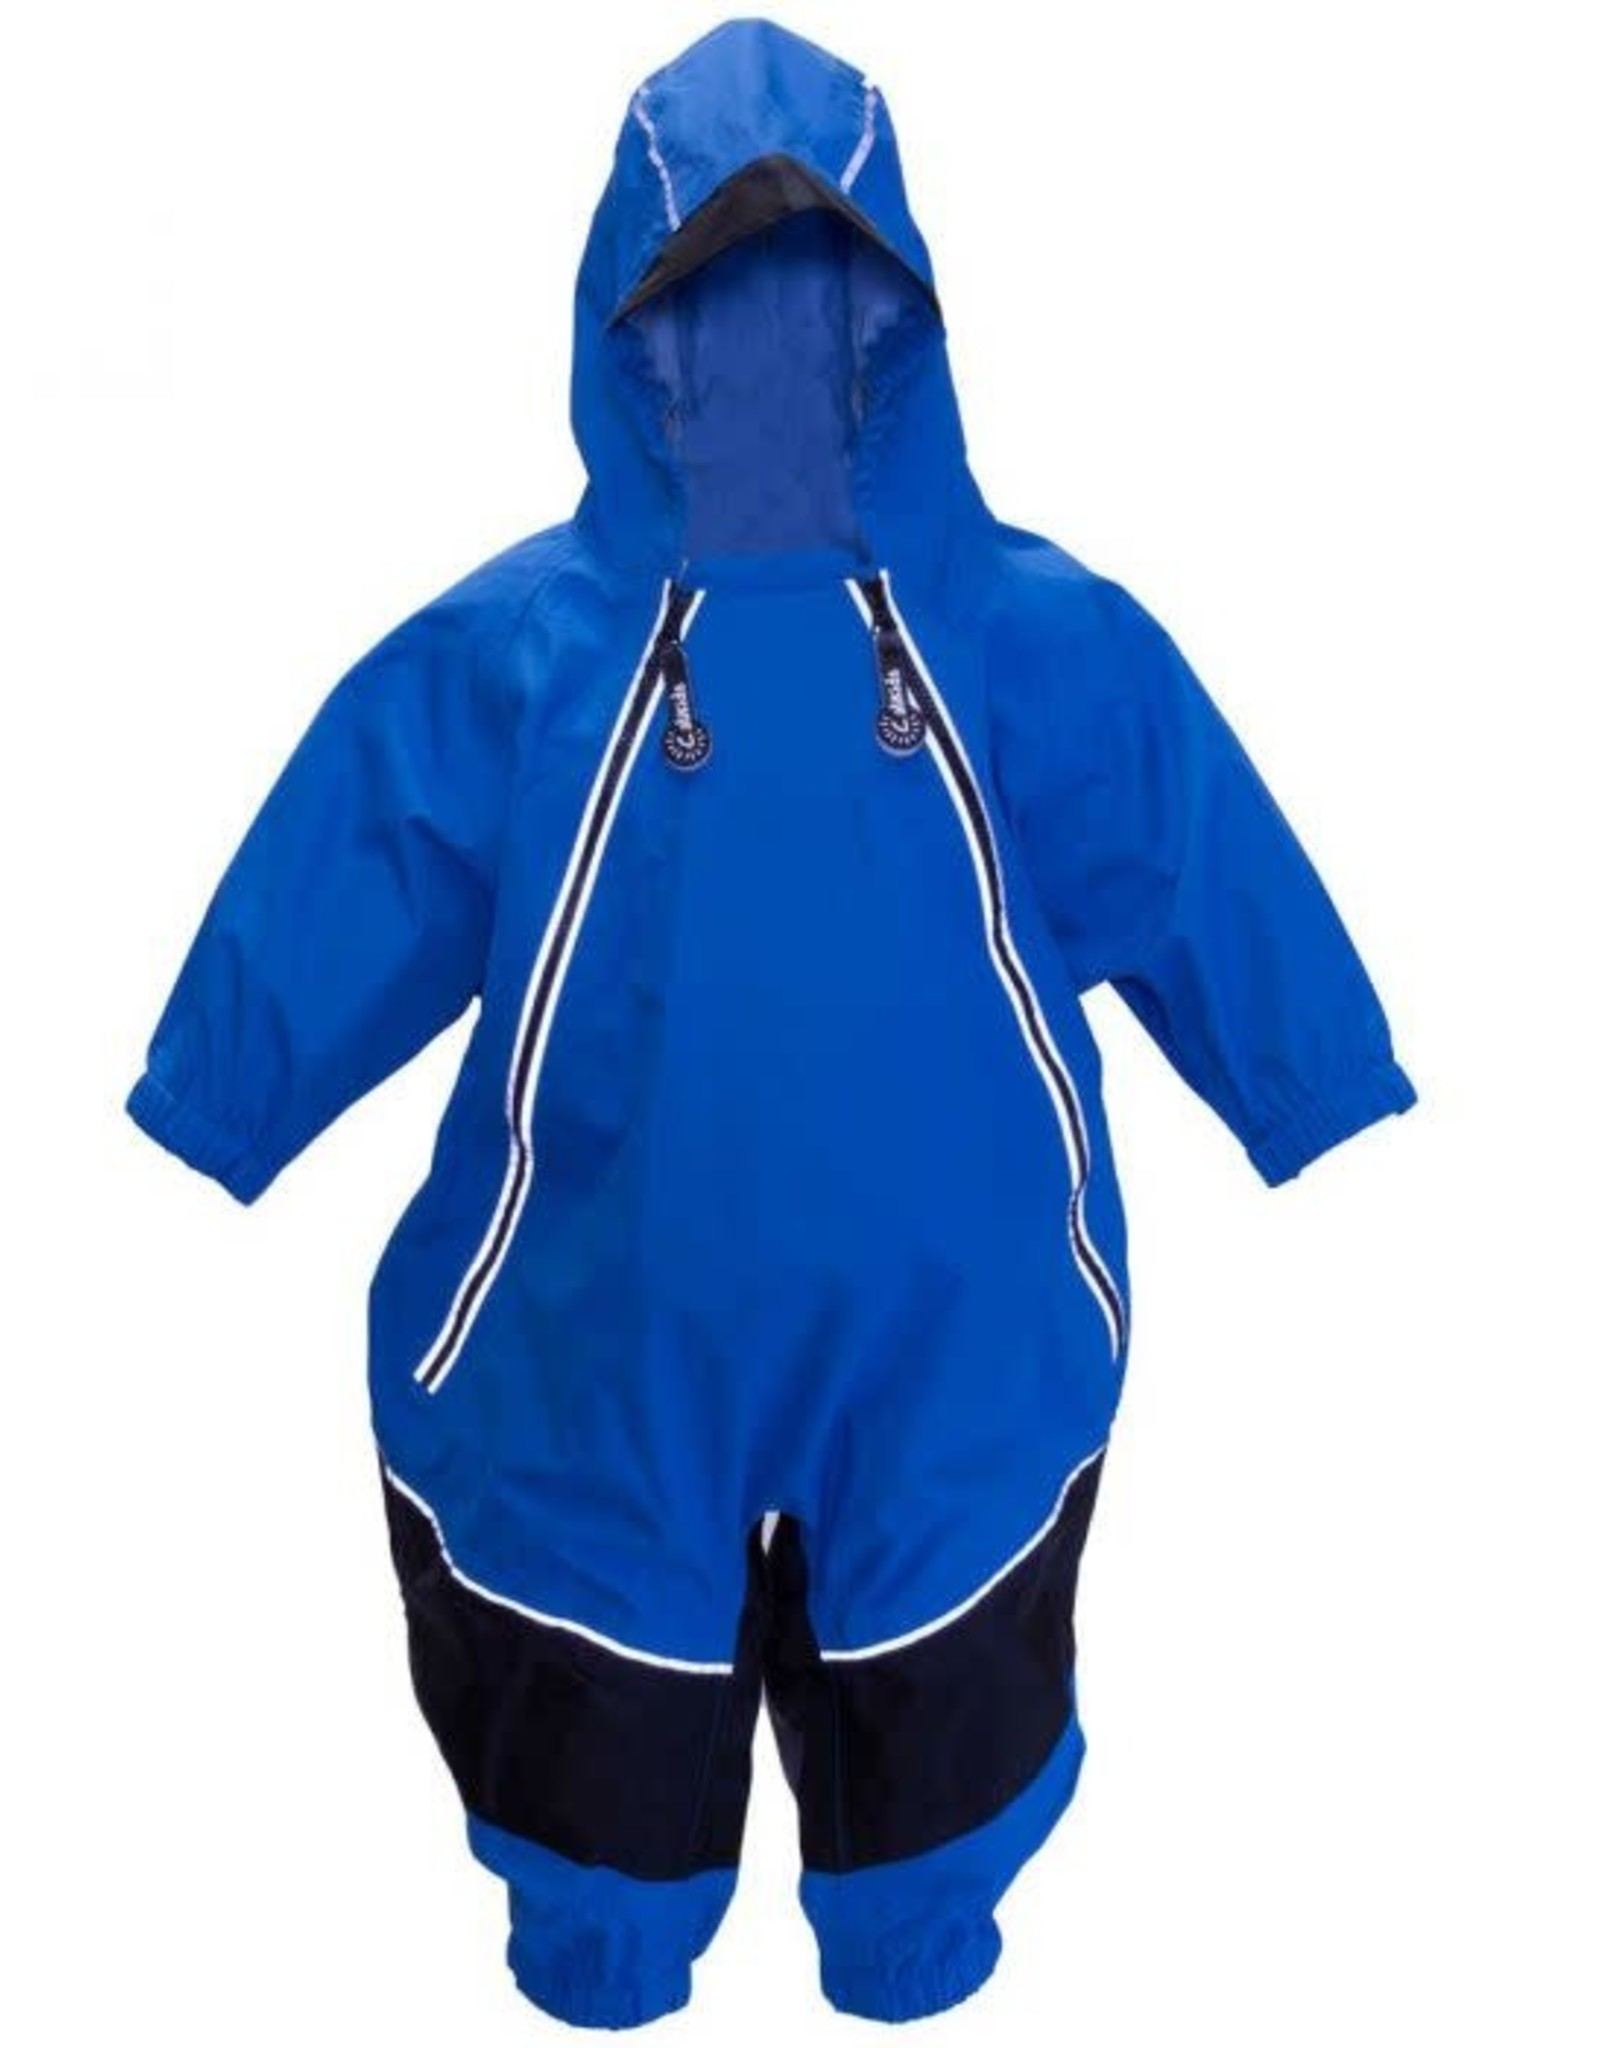 cali kids Rain suit one piece